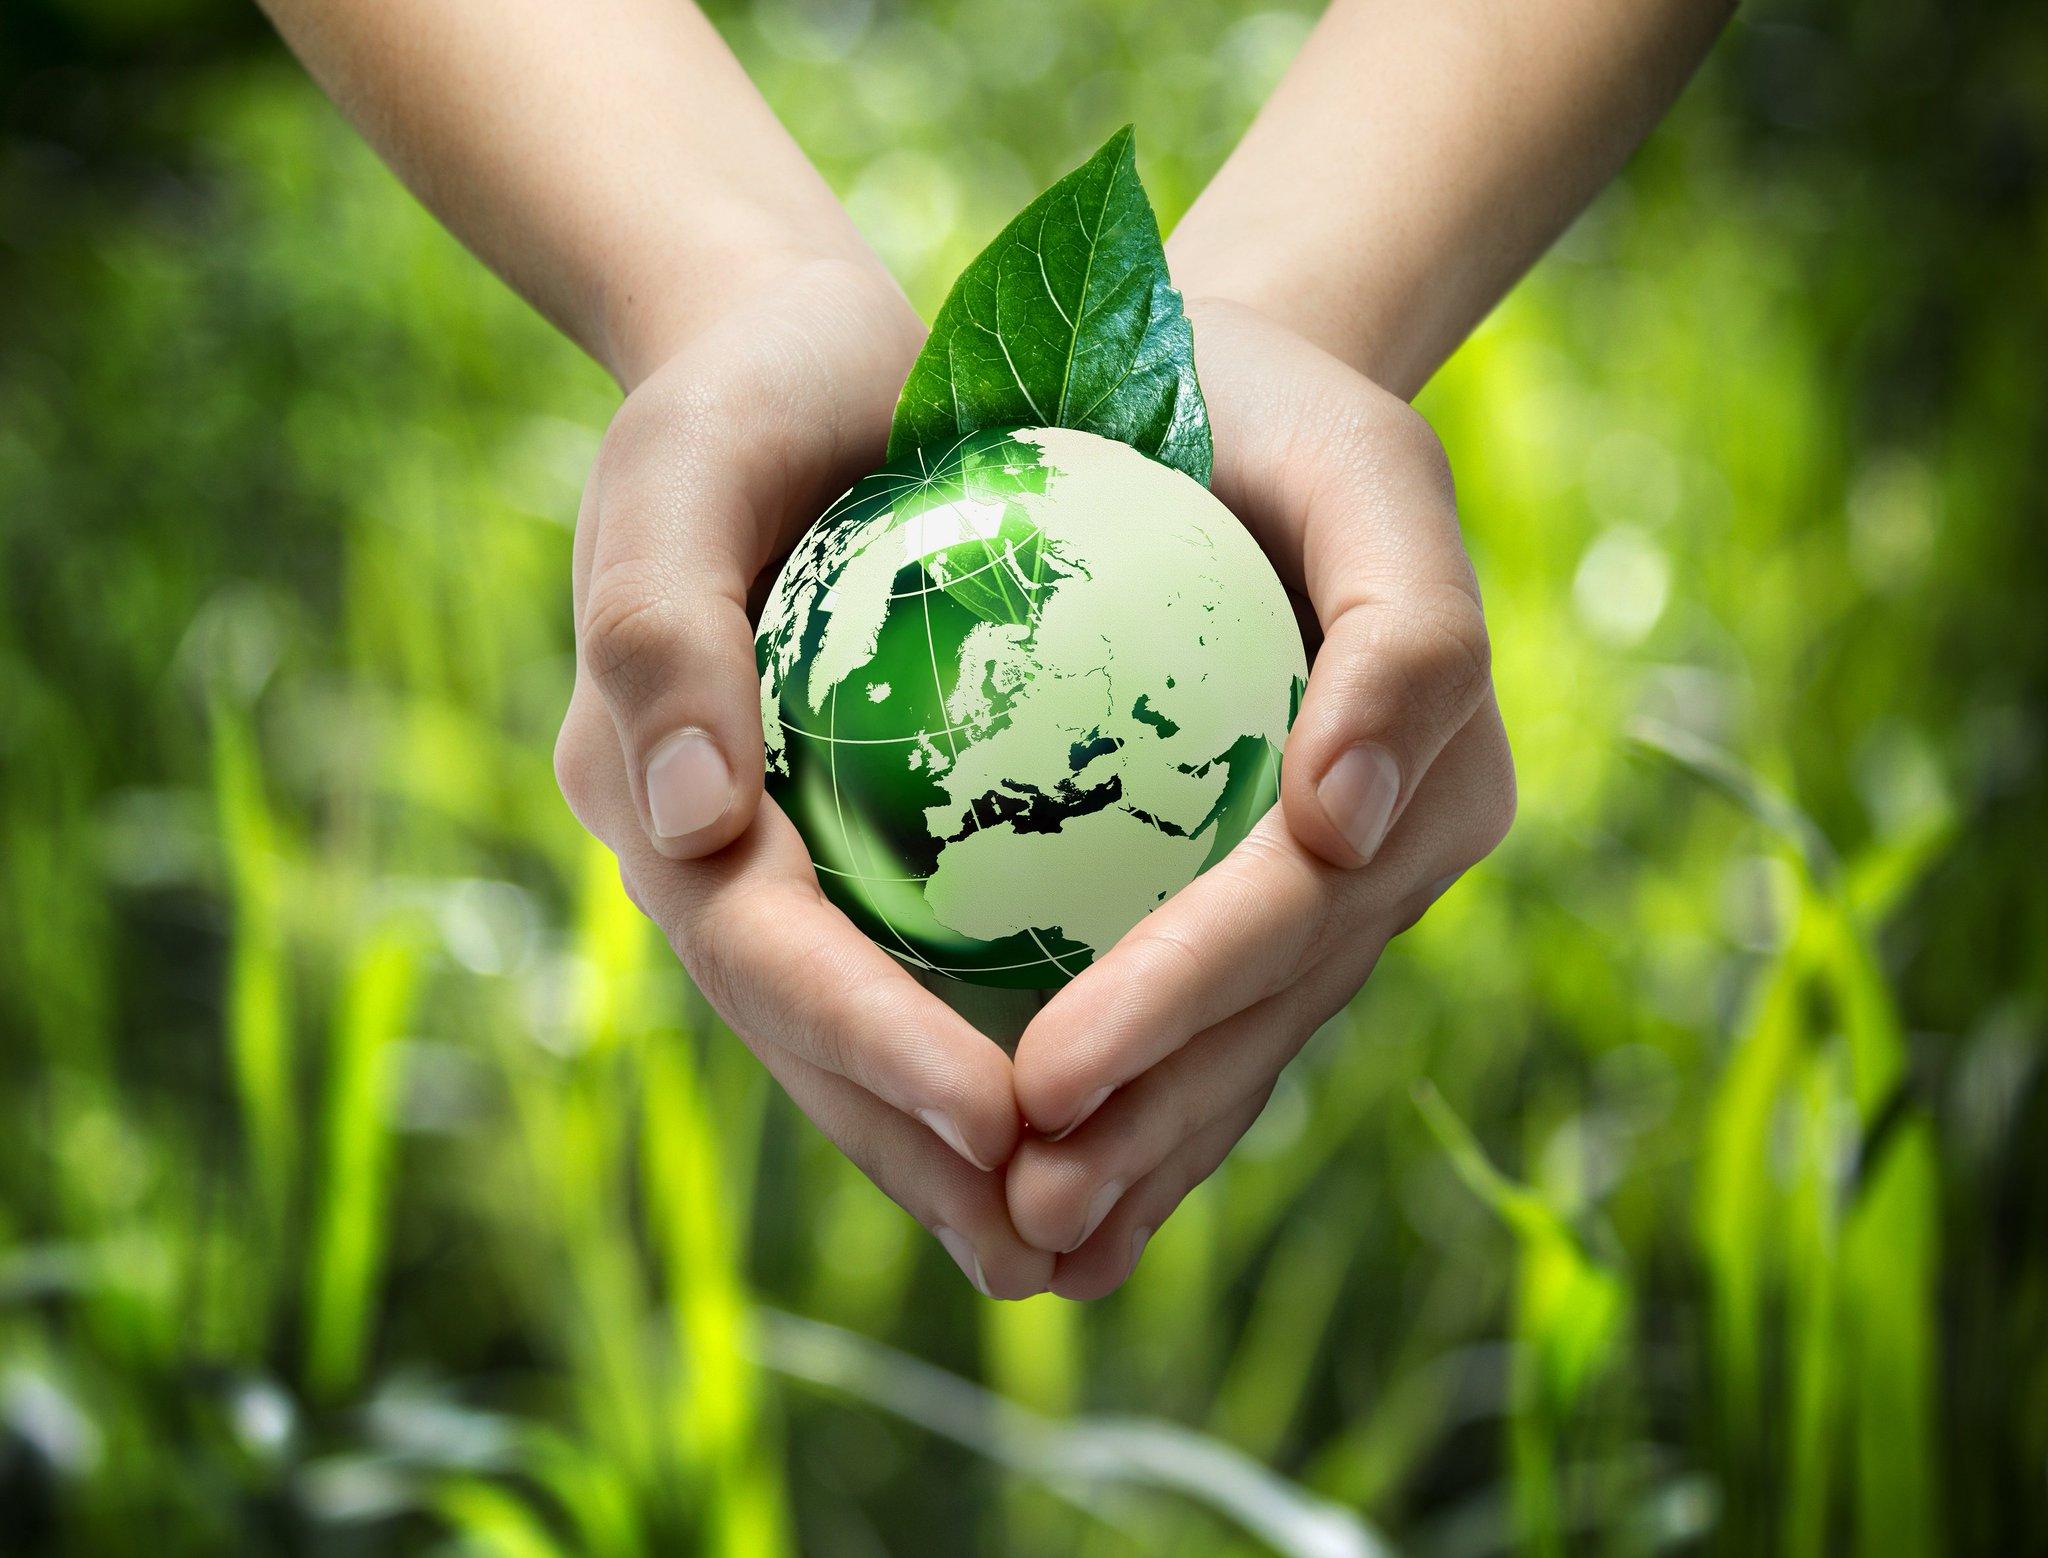 Экология тема здоровье с картинками